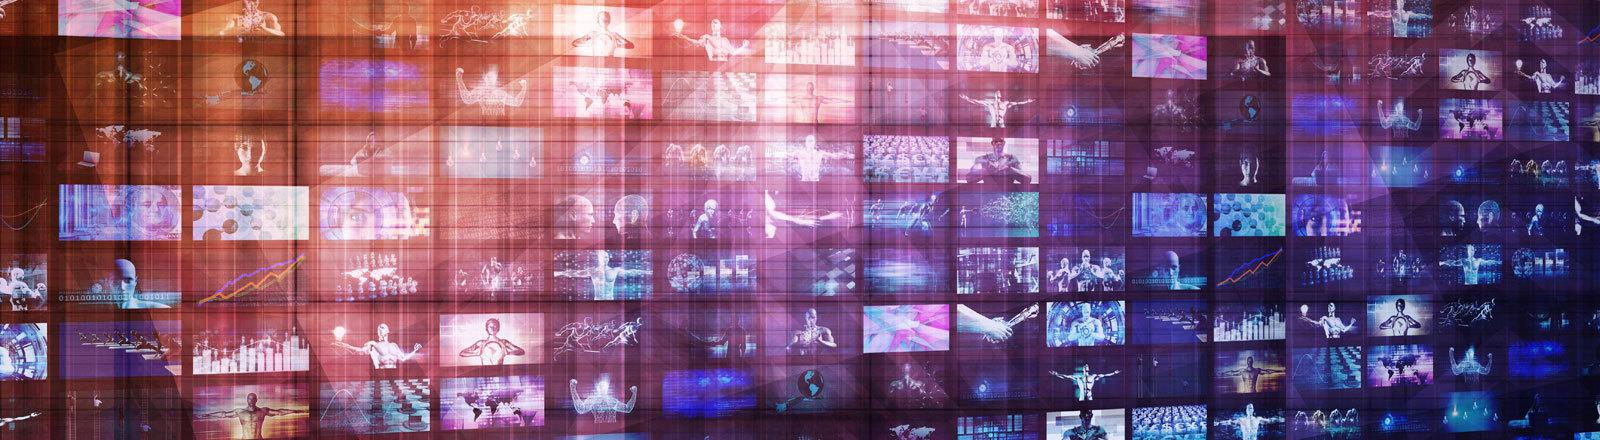 Viele Bildschirme über und nebeneinander.